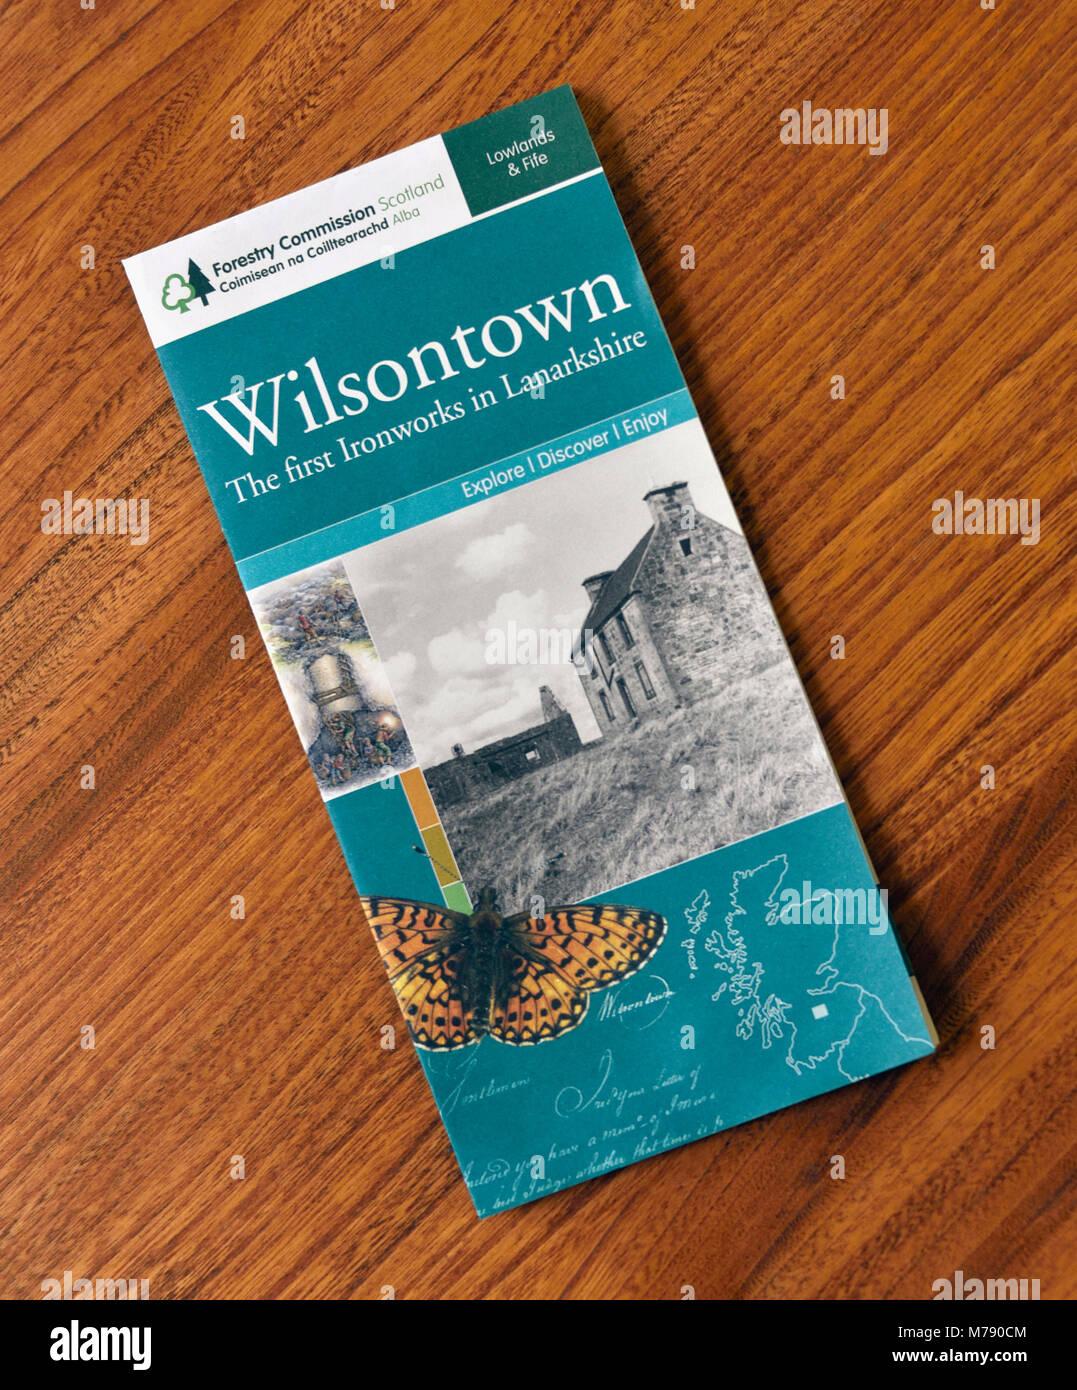 Brochure de la Commission des forêts de l'Écosse. Wilsontown, Forth, Lanarkshire, Écosse, Royaume Photo Stock